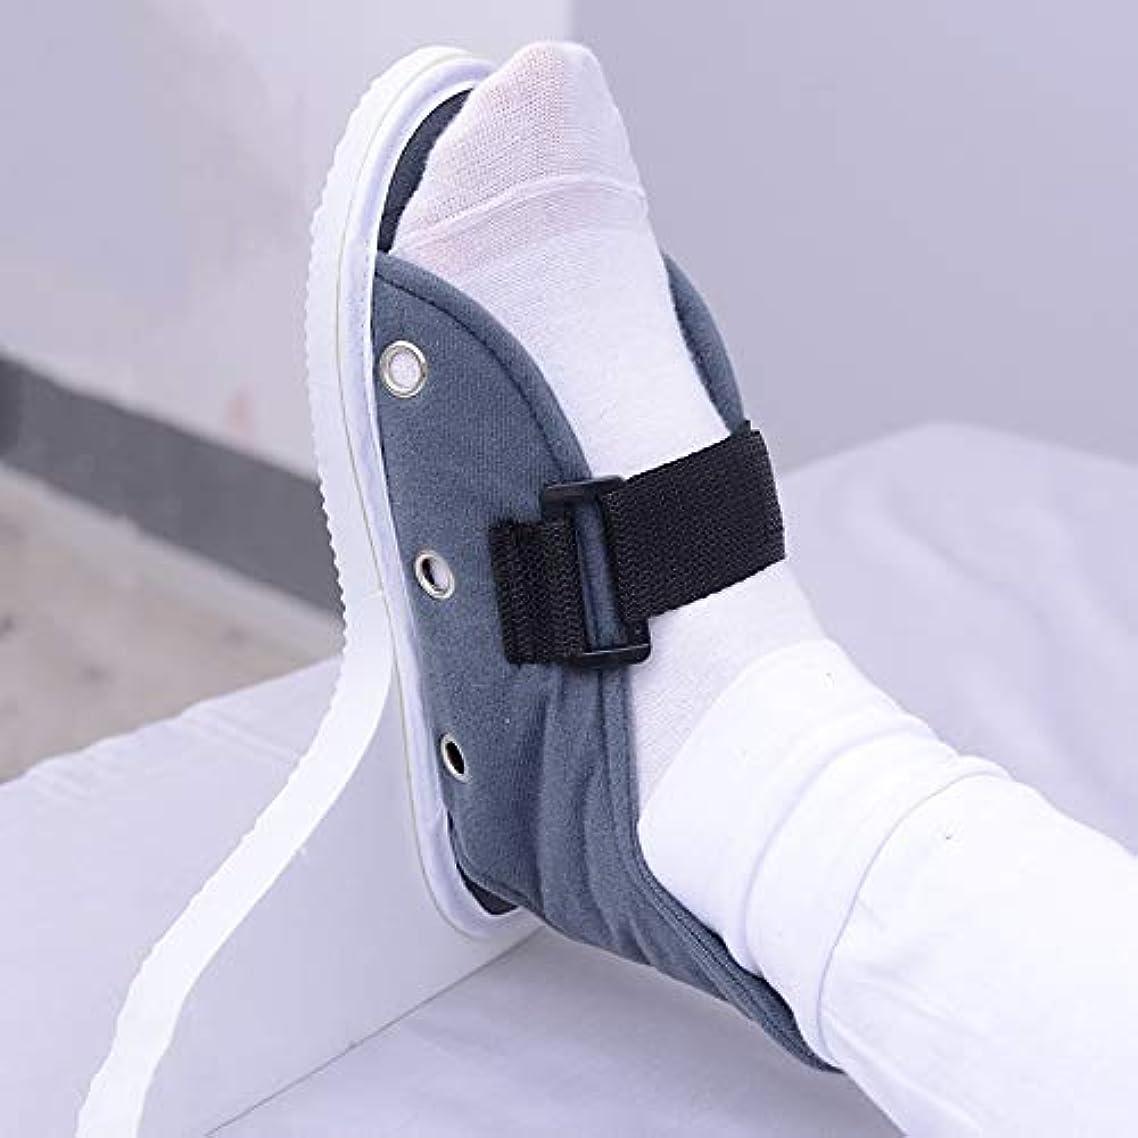 クリック操縦する多様体1ペア病院固定ブレースヒールプロテクター足の垂れ防止用 - 足首滑り止め固定具アンチスピンシューズ高齢者用